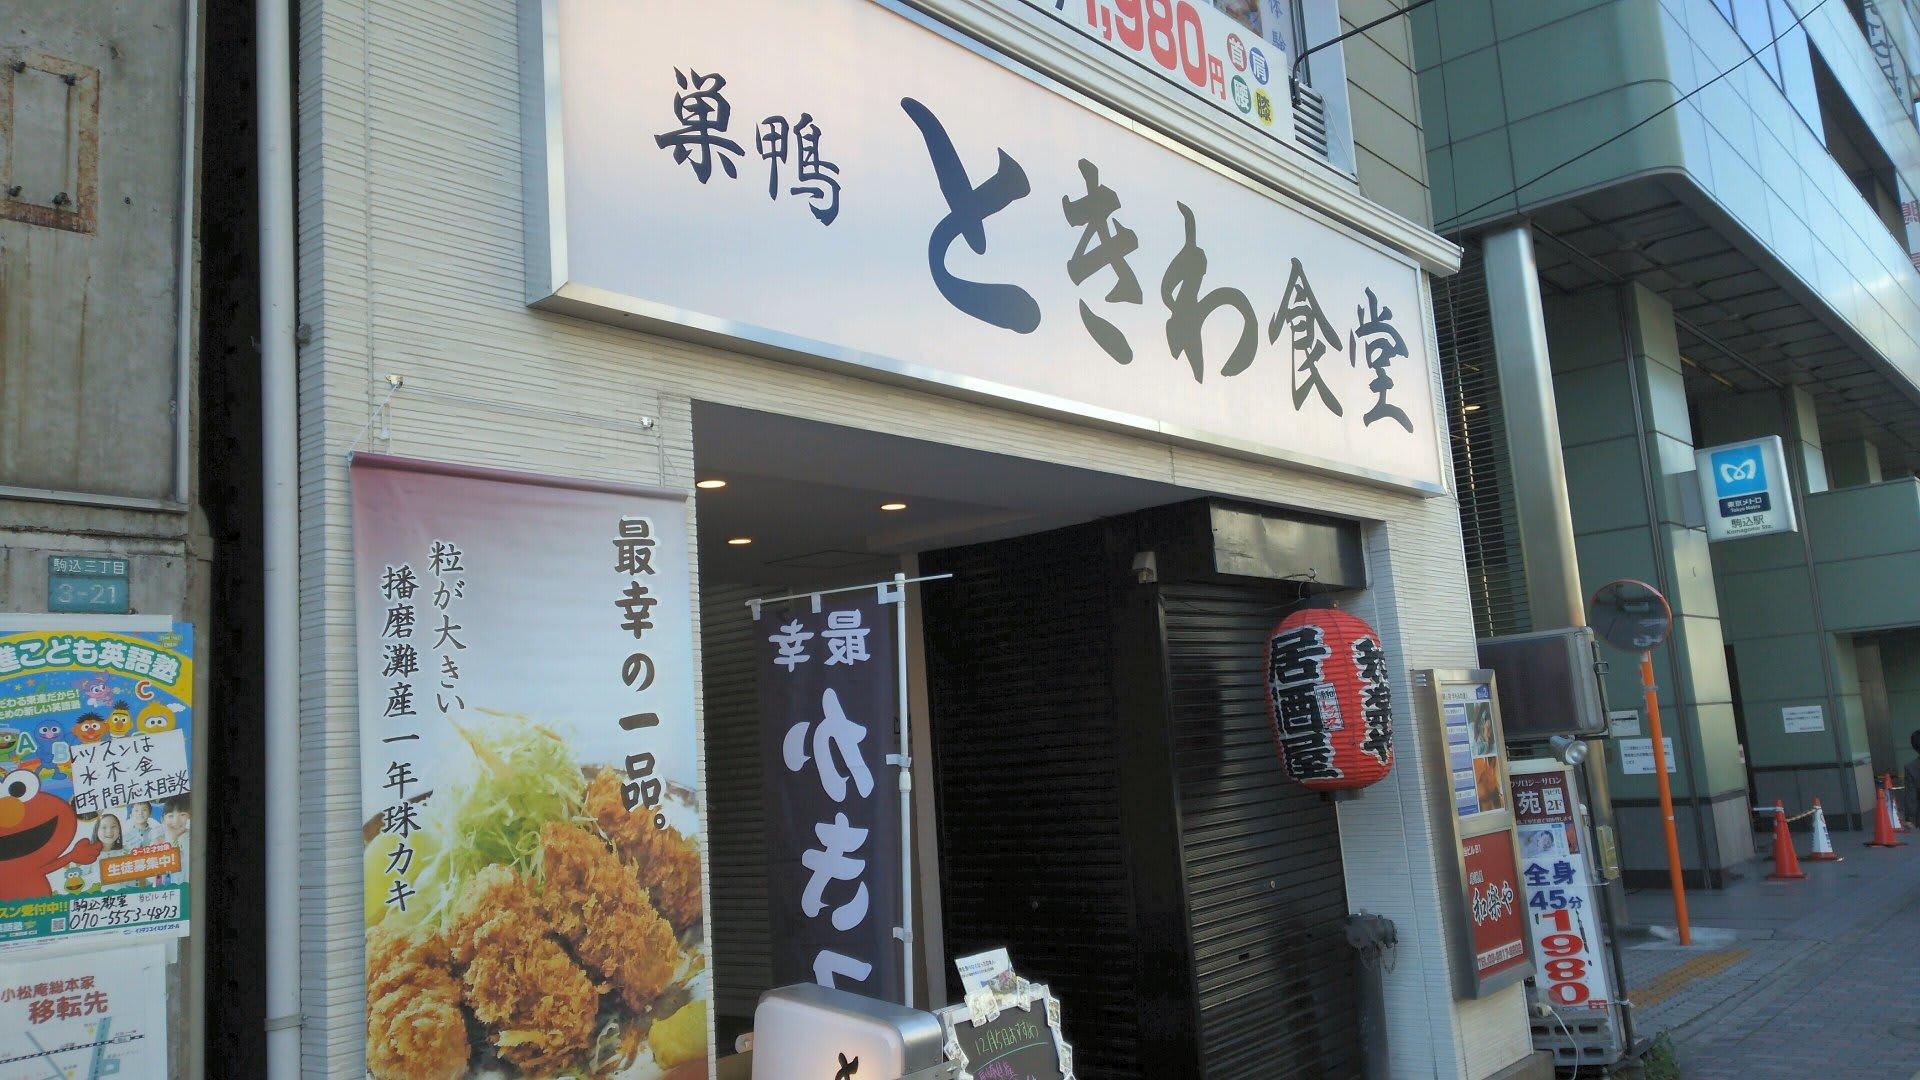 巣鴨ときわ食堂駒込店(食堂) JR山手線駒込駅 - 土曜のランチは、まったりと